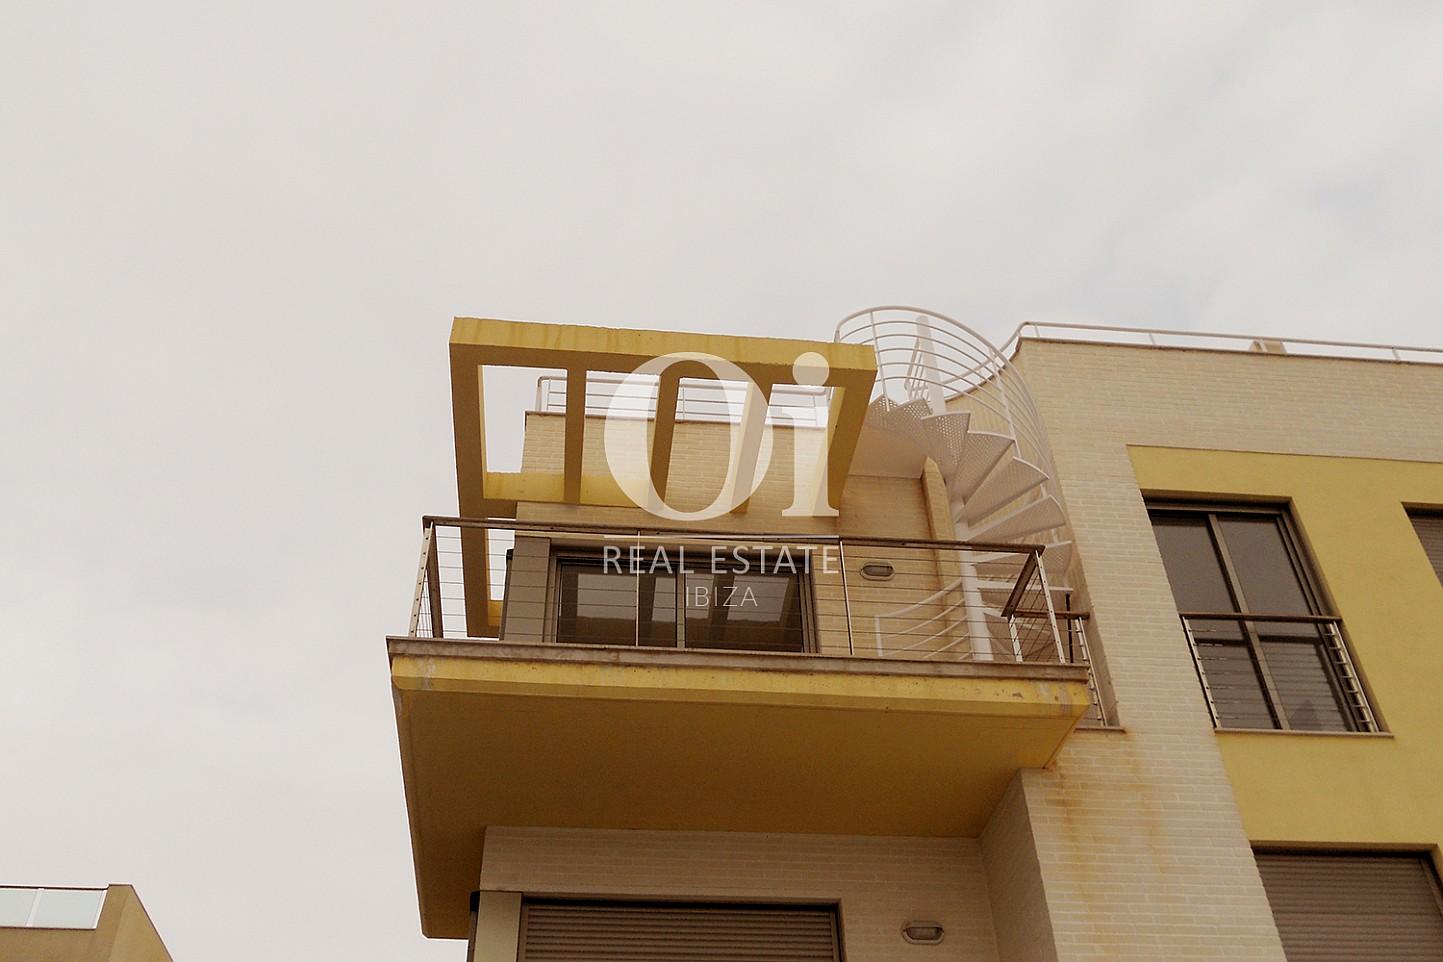 Fachada de piso en venta en Cala Gració, zona de Sant Antoni, Ibiza